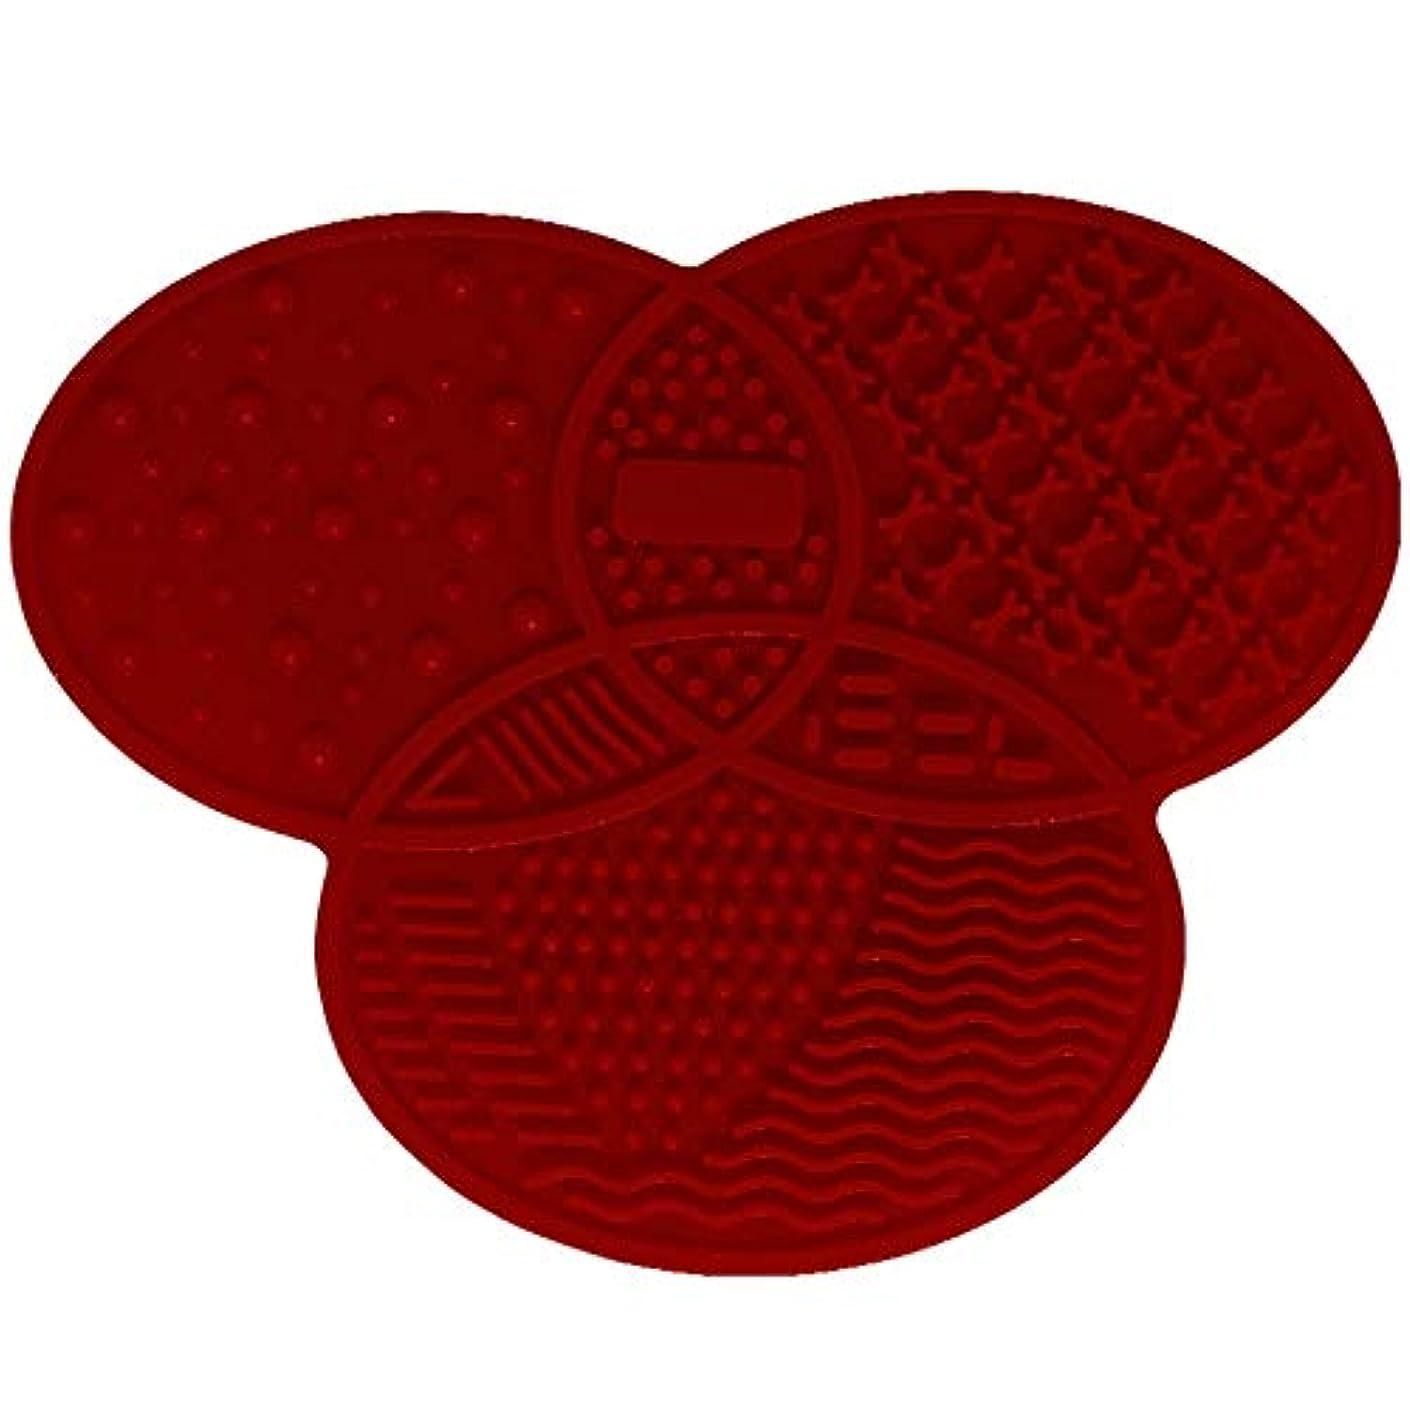 シリコンブラシクリーナー化粧品メイクアップウォッシュブラシジェルクリーニングマットファンデーションメイクブラシクリーナーパッドスクラブボード - レッド